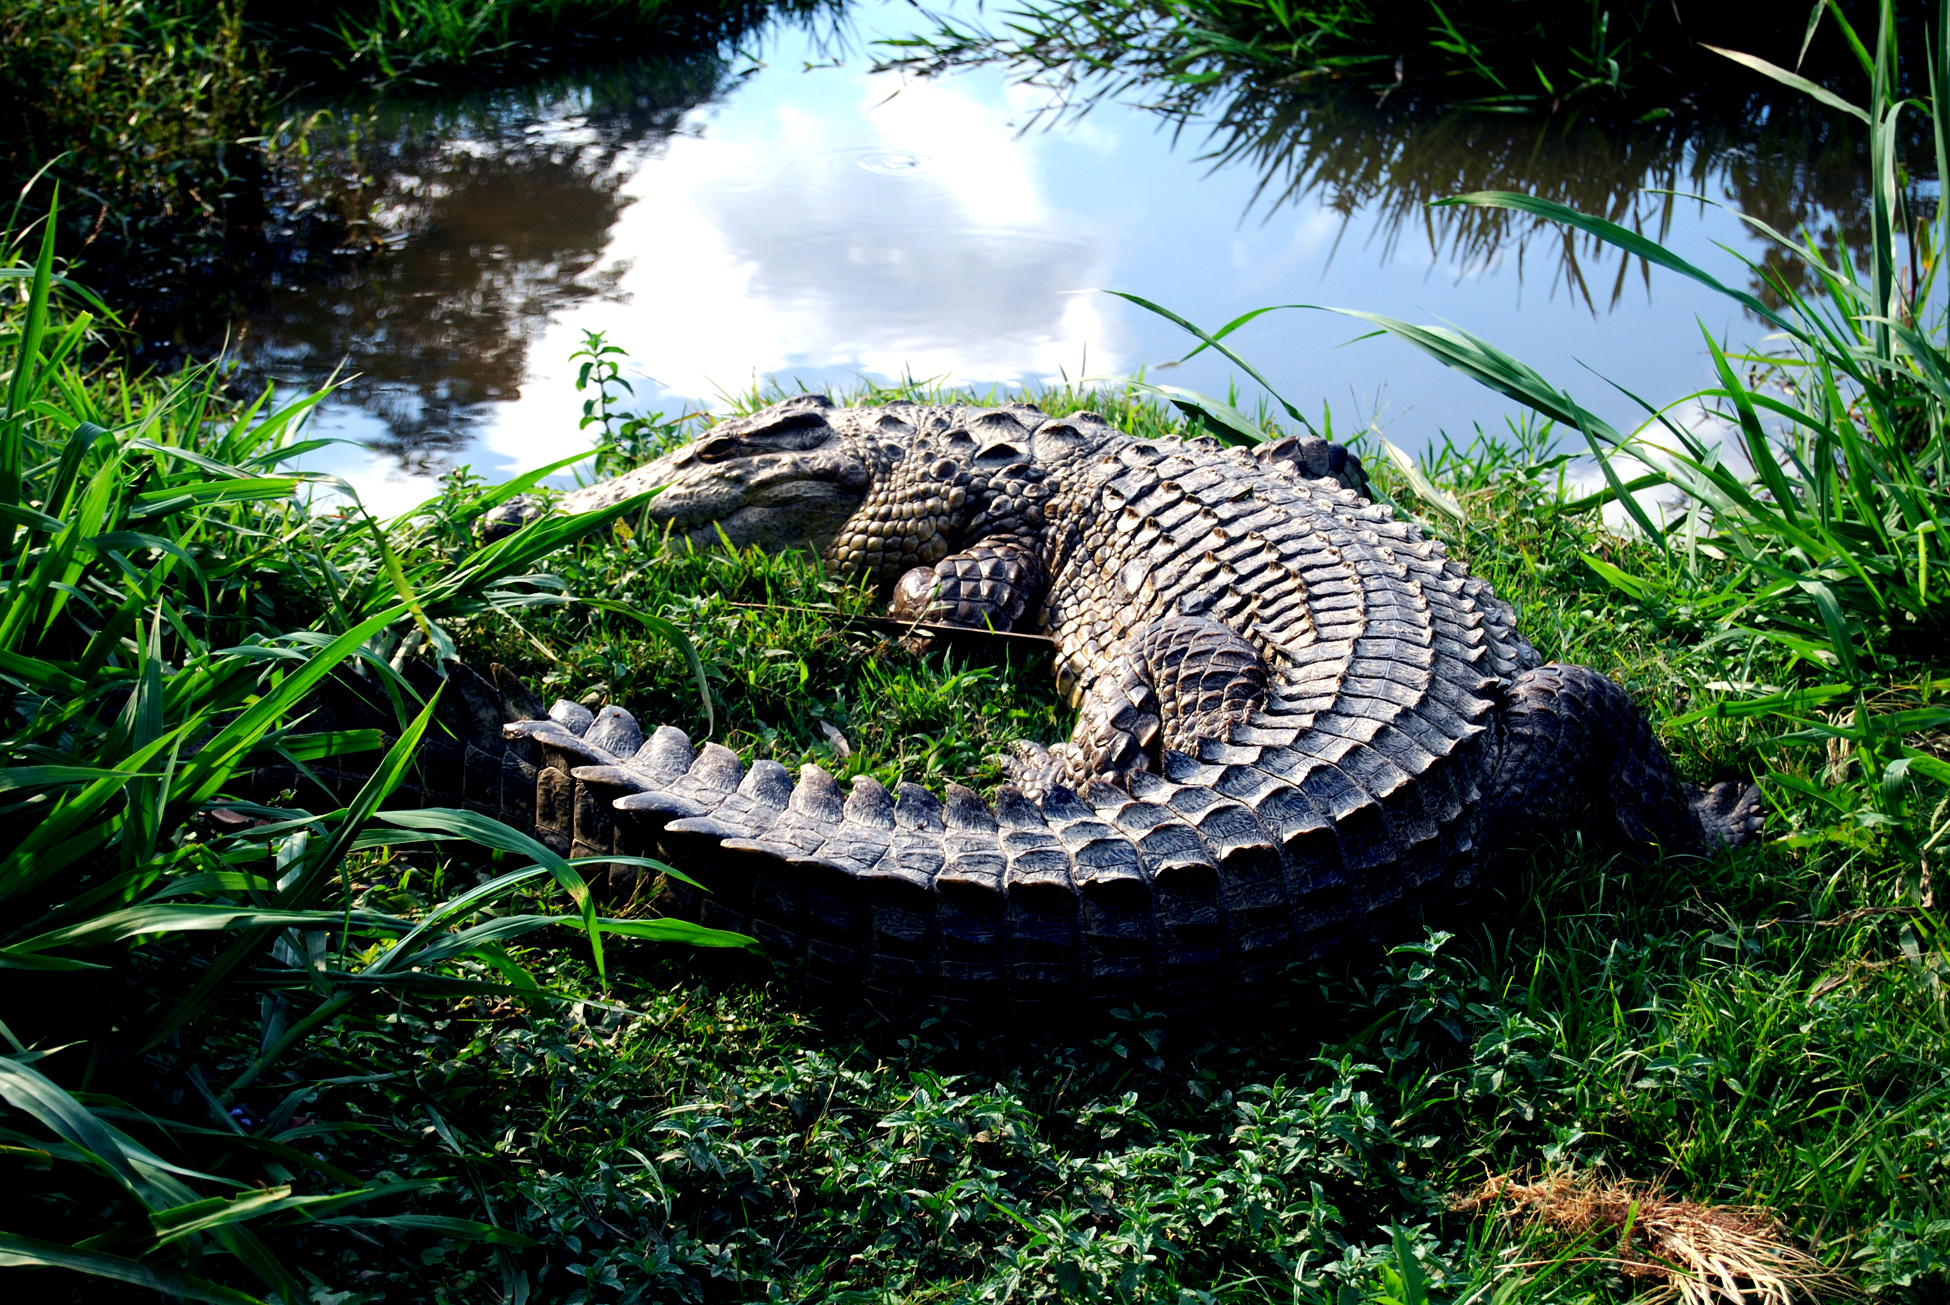 DSC_0115- Croc